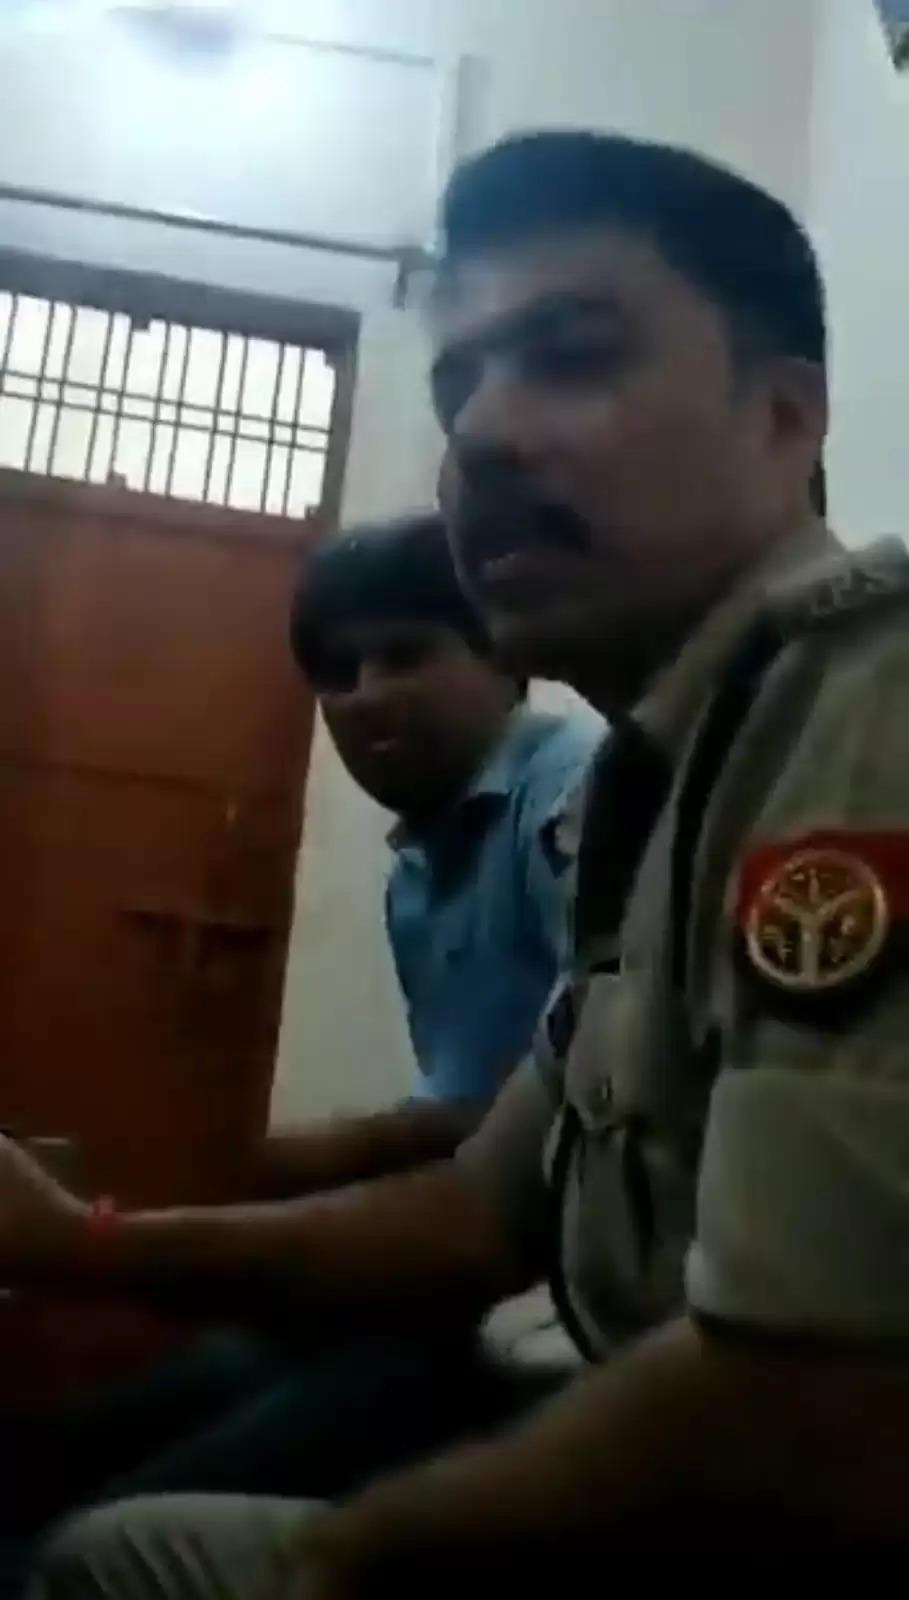 योगी सरकार में मनीष के परिजनों को मुकदमा ना लिखवाने की सलाह देते एक वीडियो वायरल हो रहा, देखे पूरी खबर